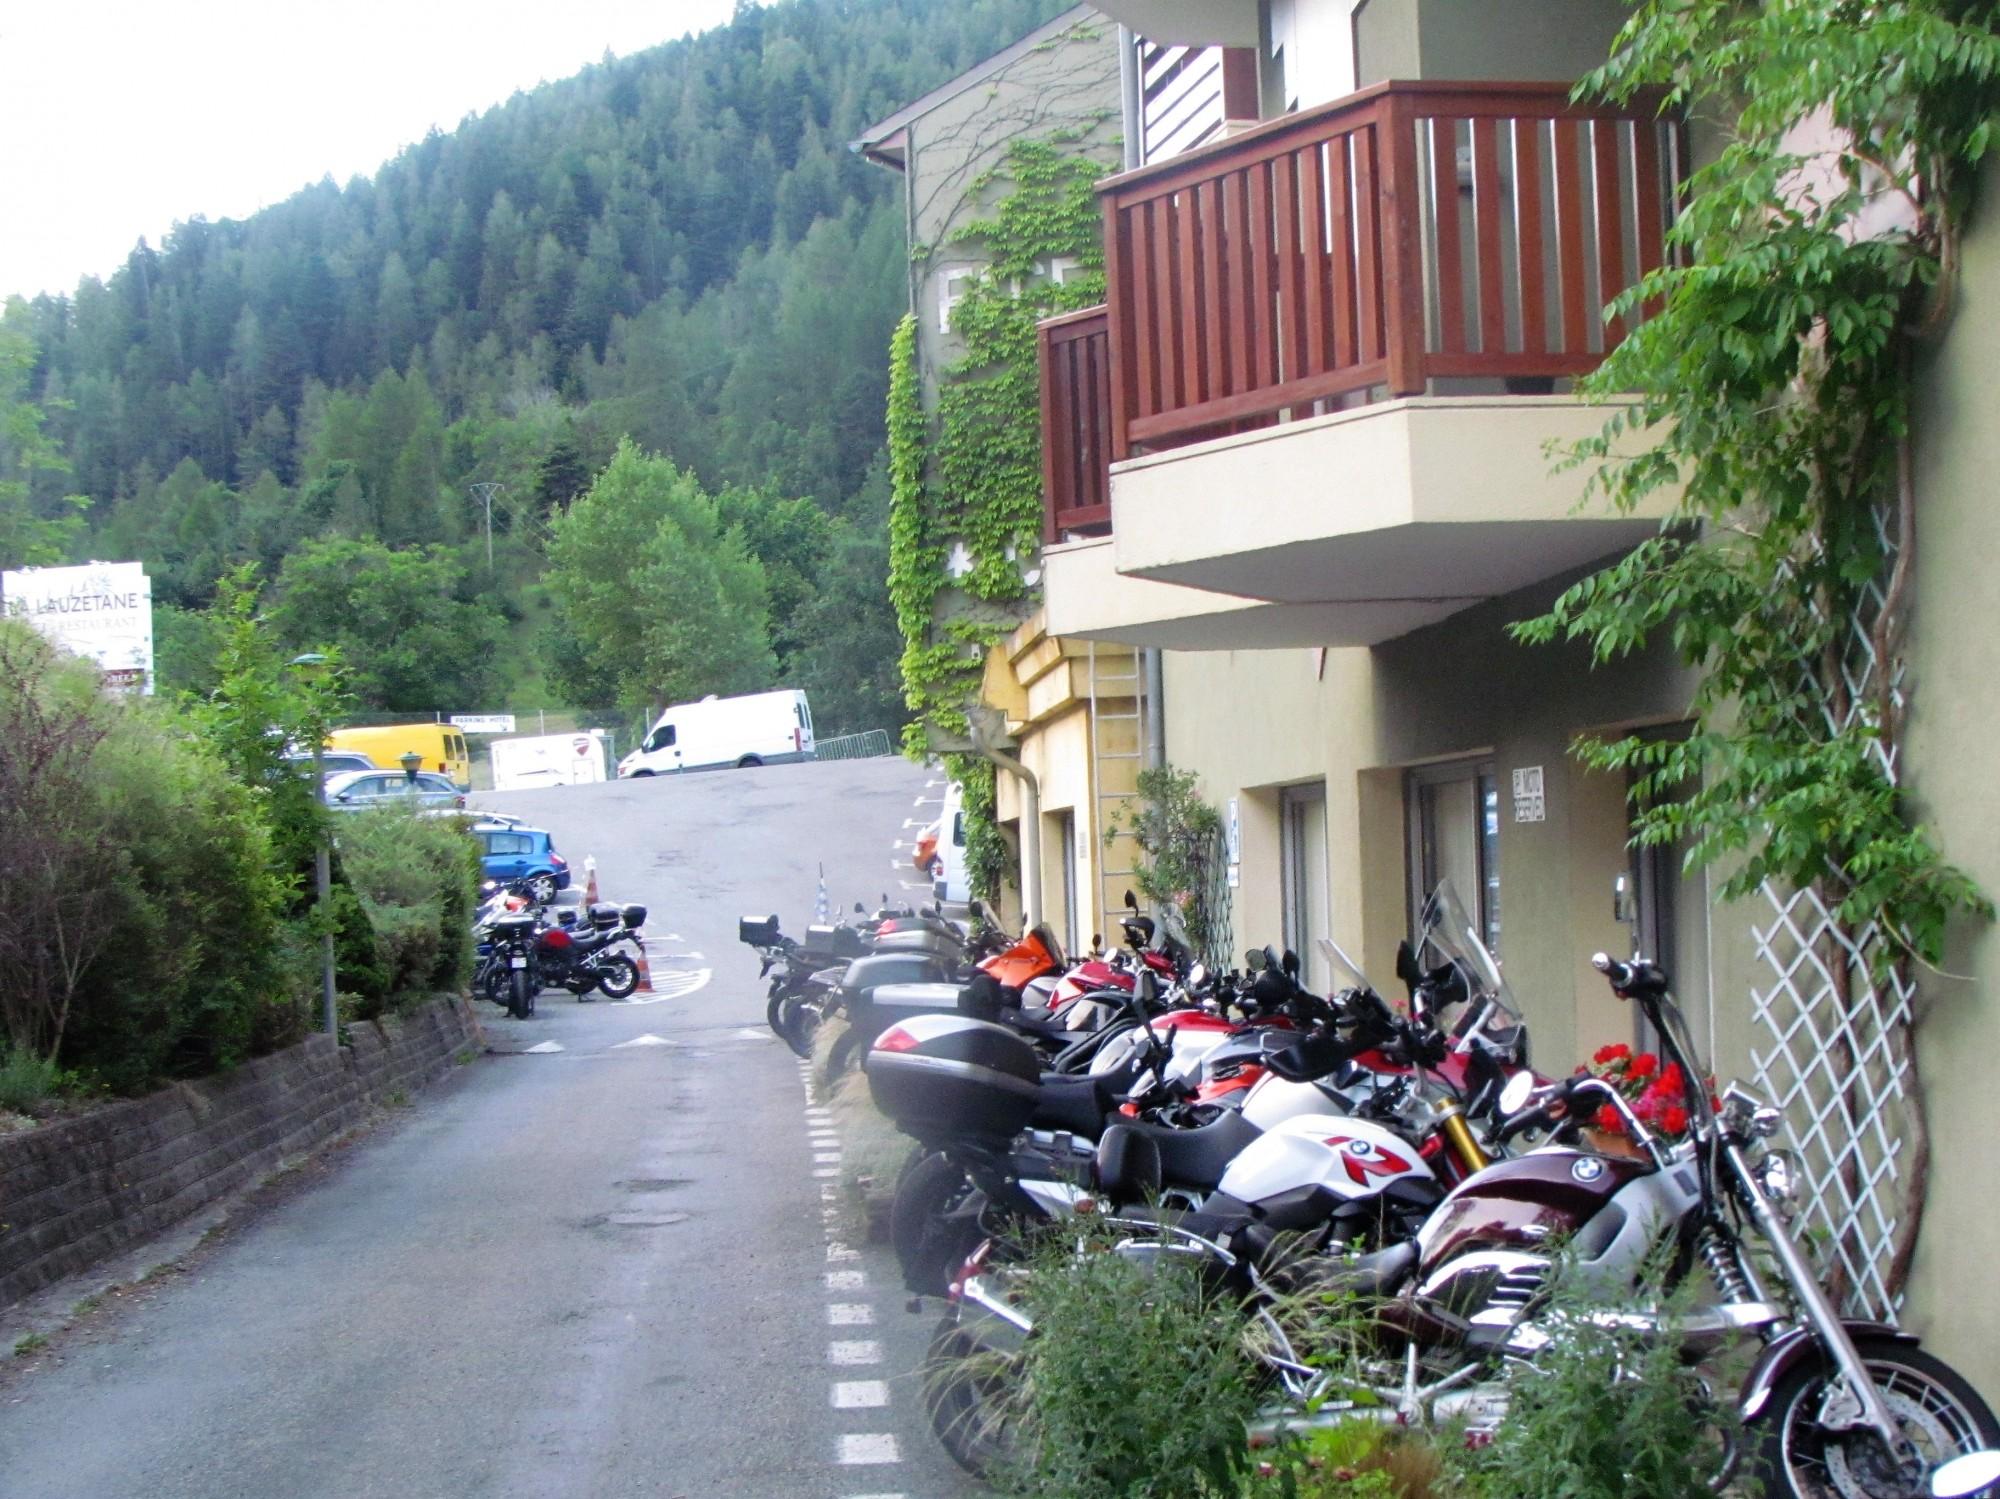 Accueil Motard à l'hôtel la Lauzetane